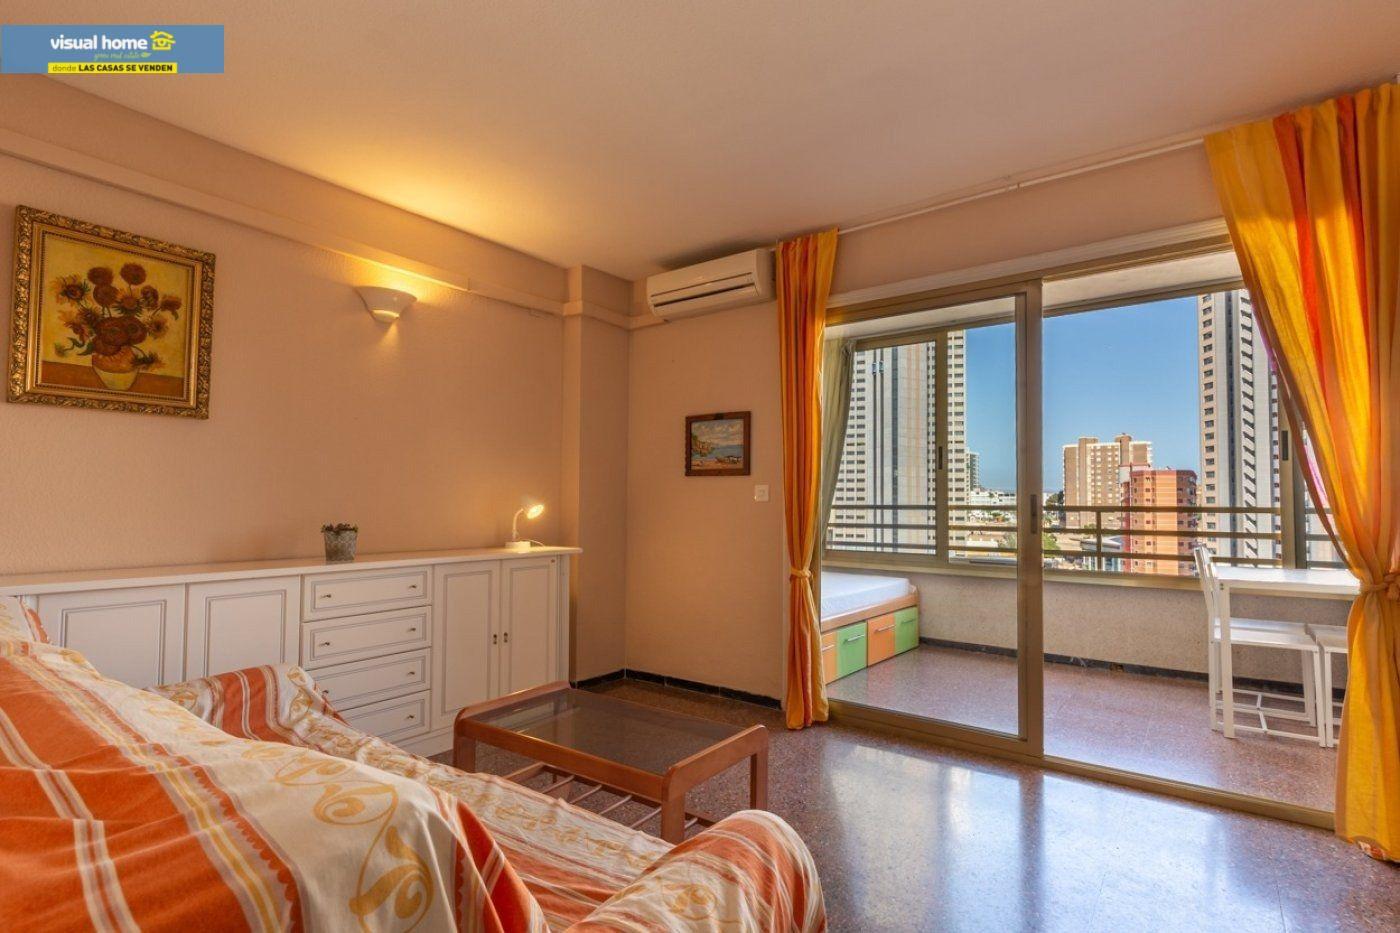 Apartamento en Benidorm zona Hotel Bali de 55 m²